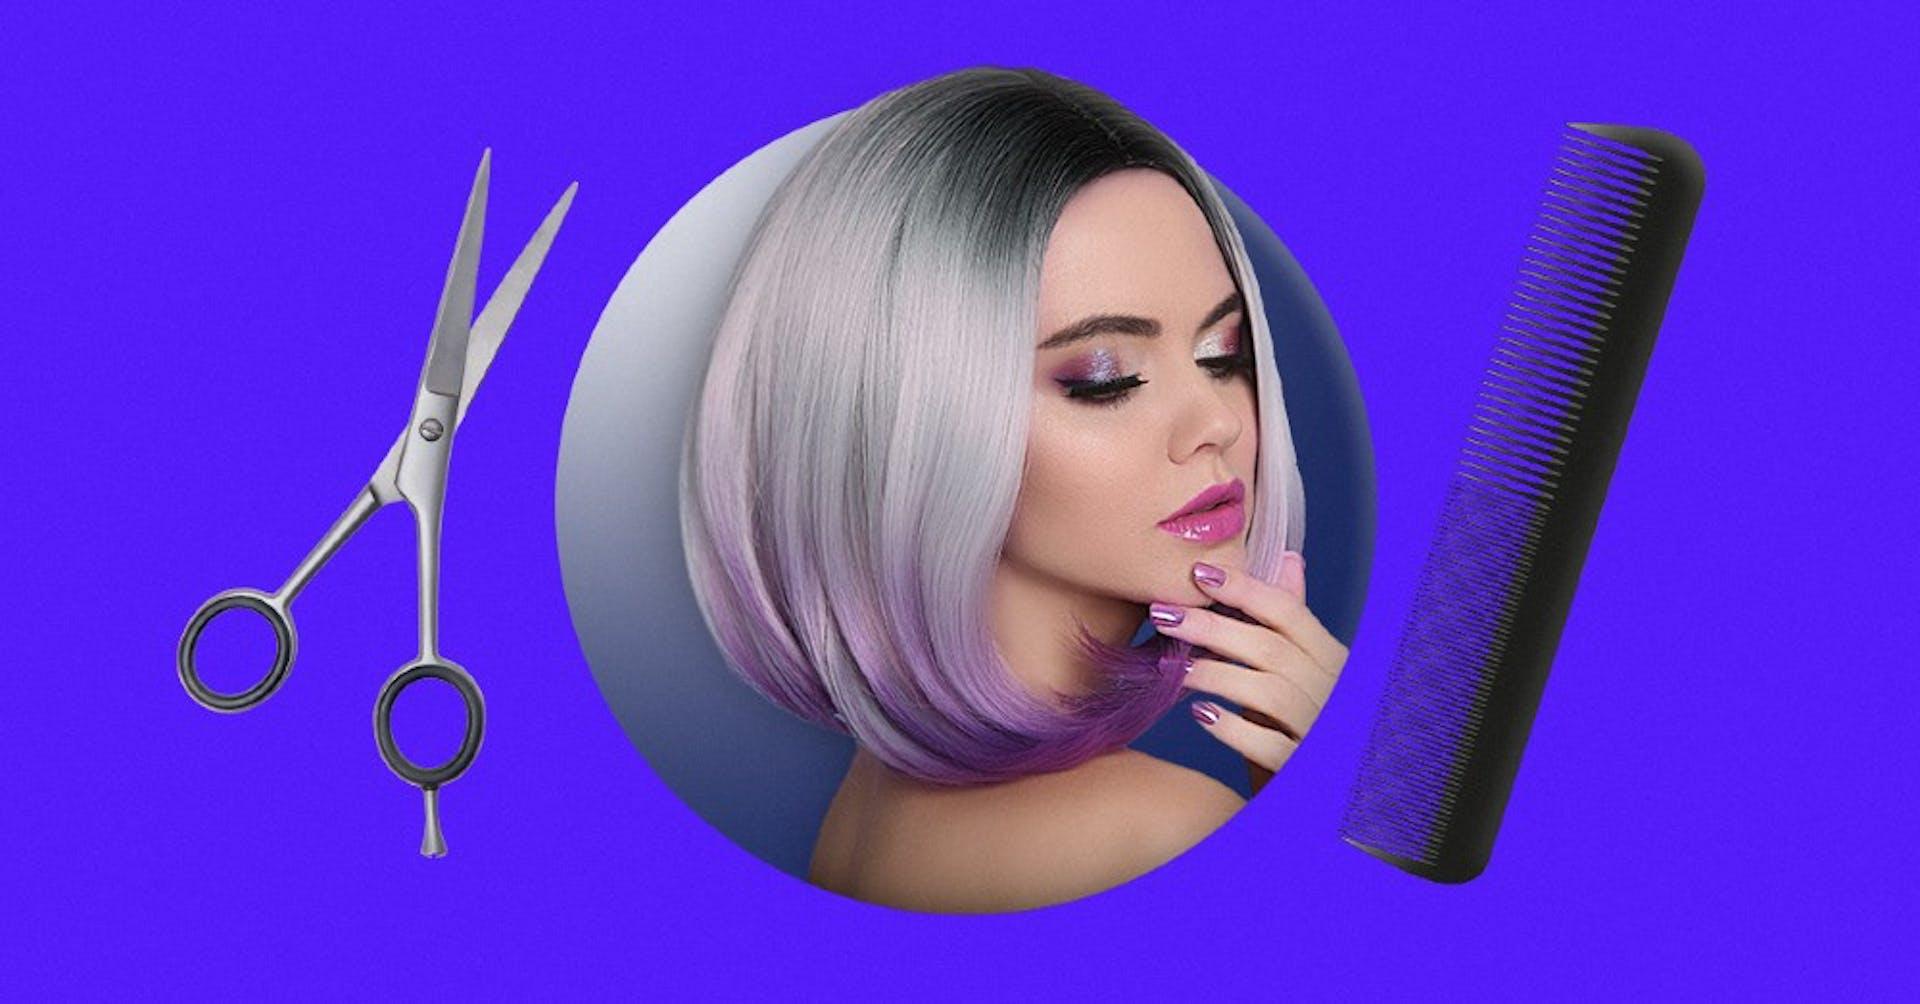 ¿Cuáles cortes de pelo corto serán tendencia en los próximos meses? Aprende cómo cambiar tu imagen con un corte auténtico